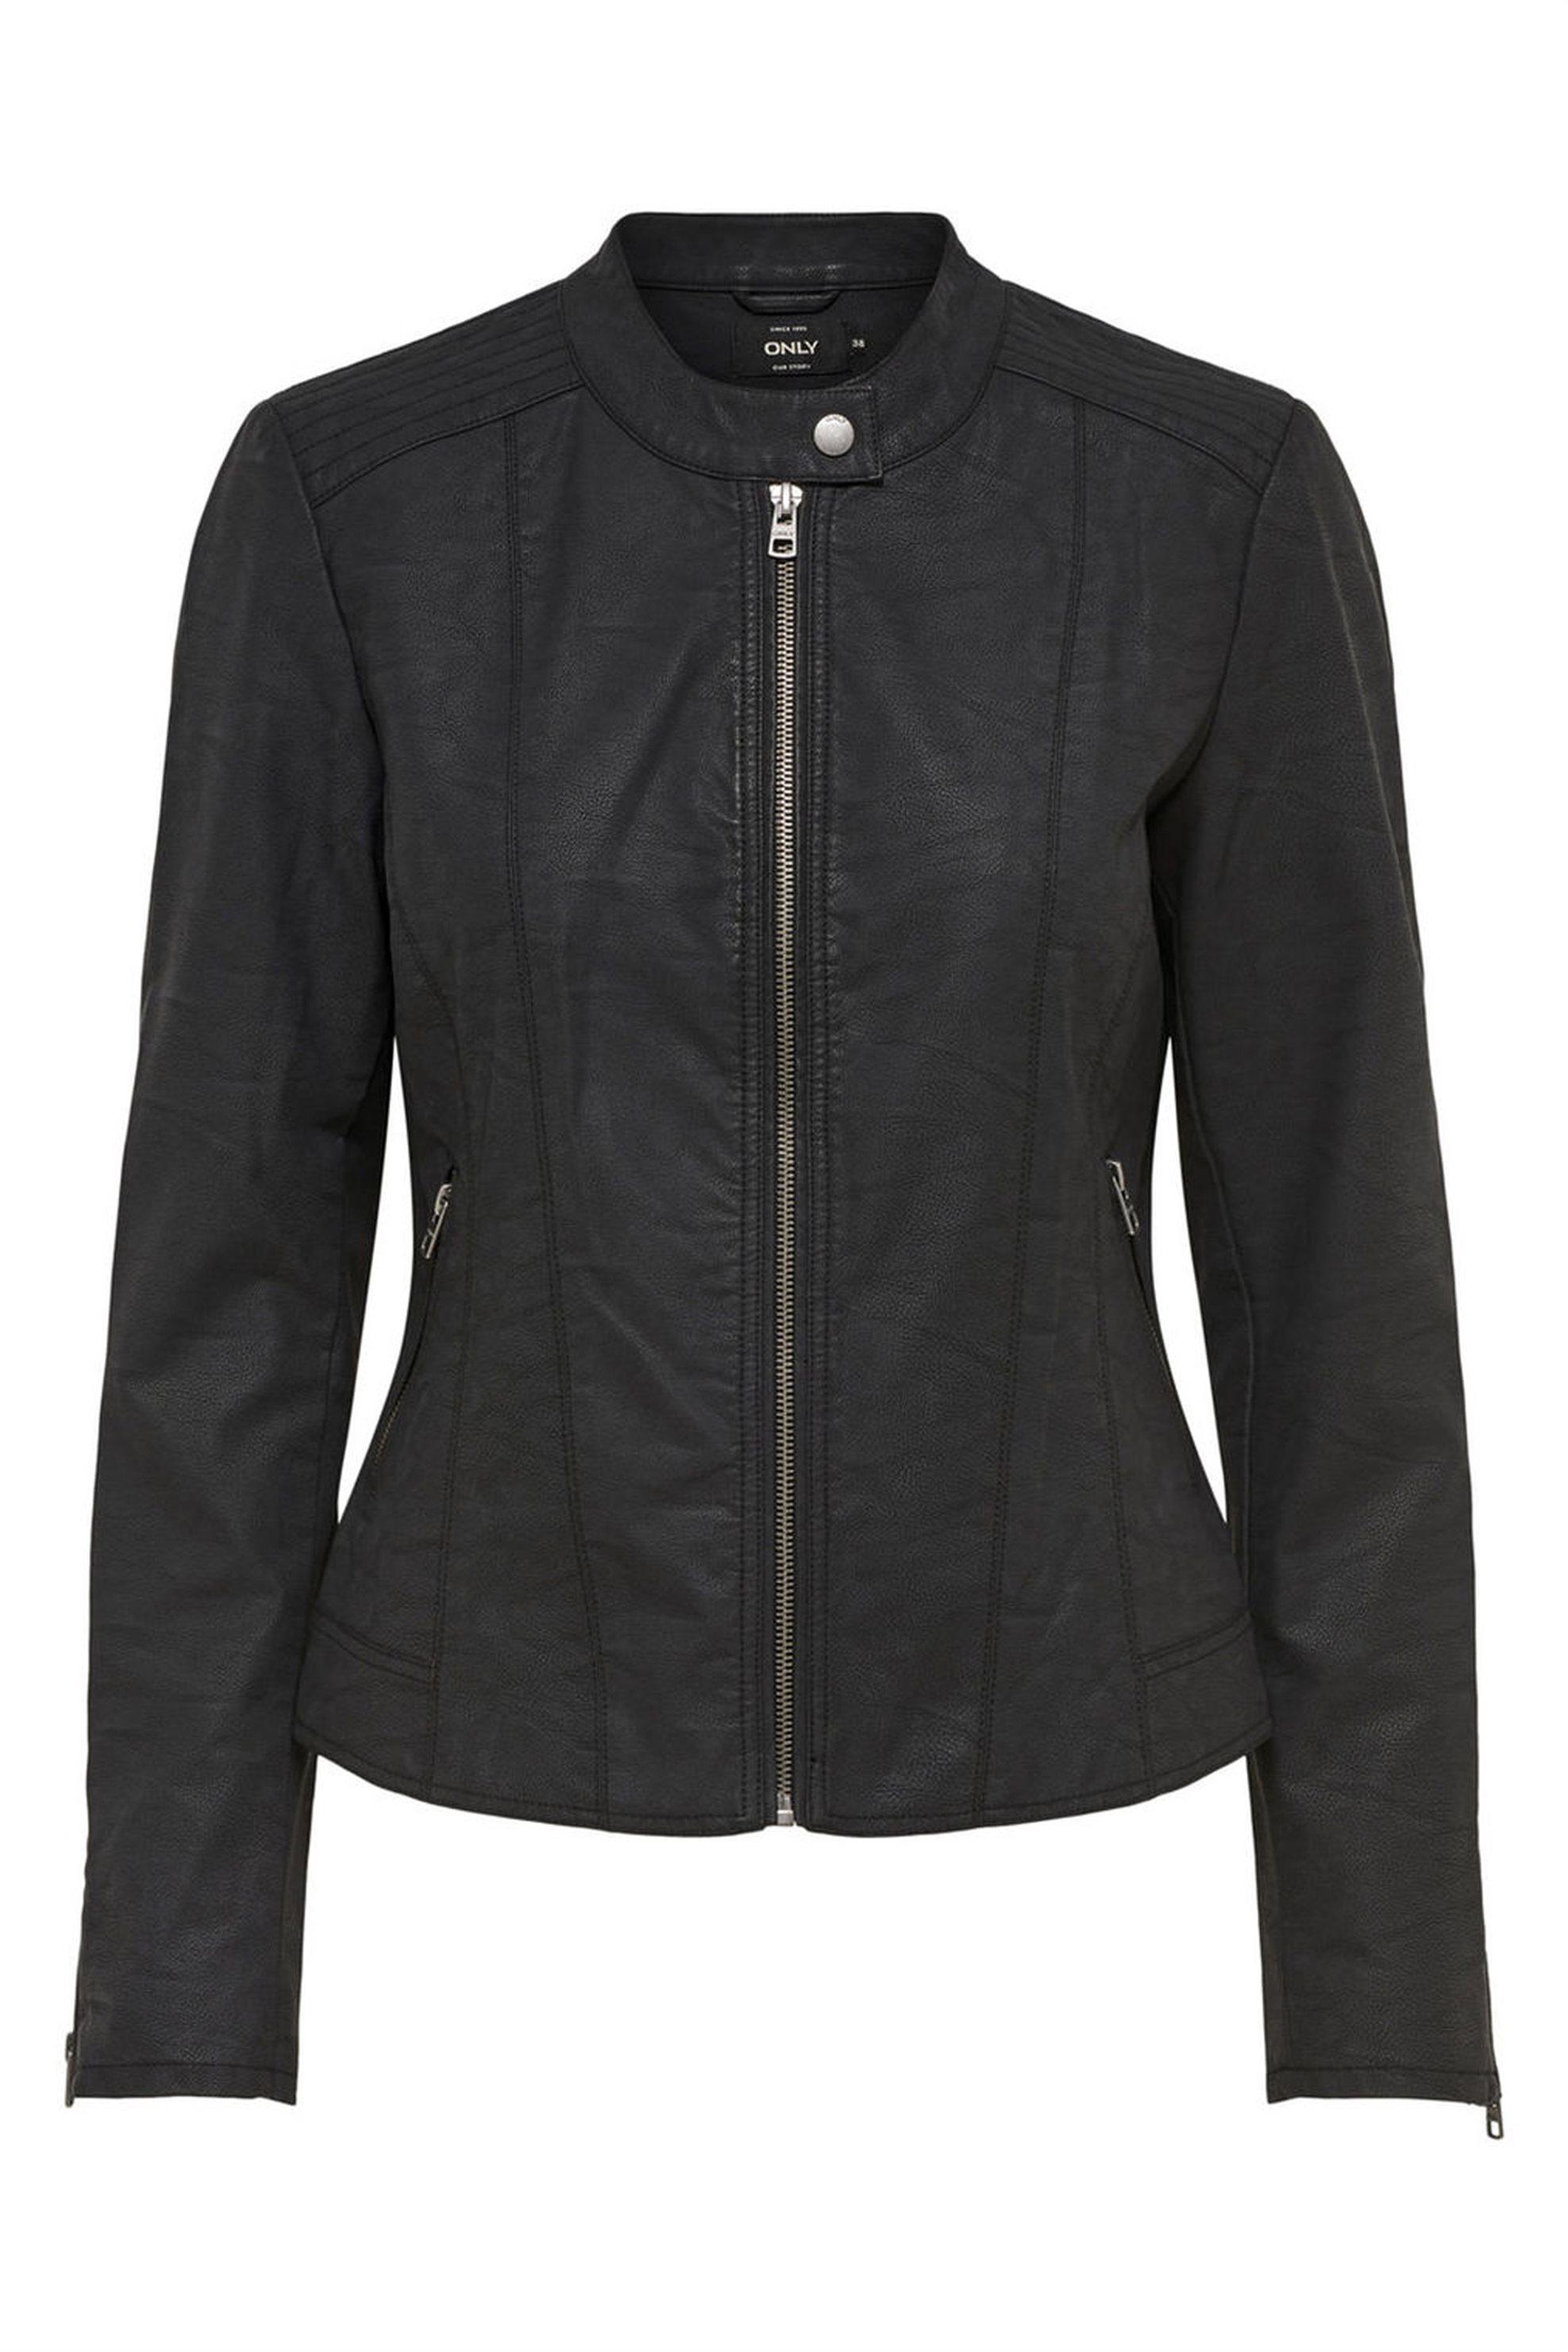 ΟNLY γυναικείο jacket Biker faux leather jacket - 15156494 - Μαύρο γυναικα   ρουχα   πανωφόρια   μπουφάν   σακάκια   δερμάτινα   faux δέρμα